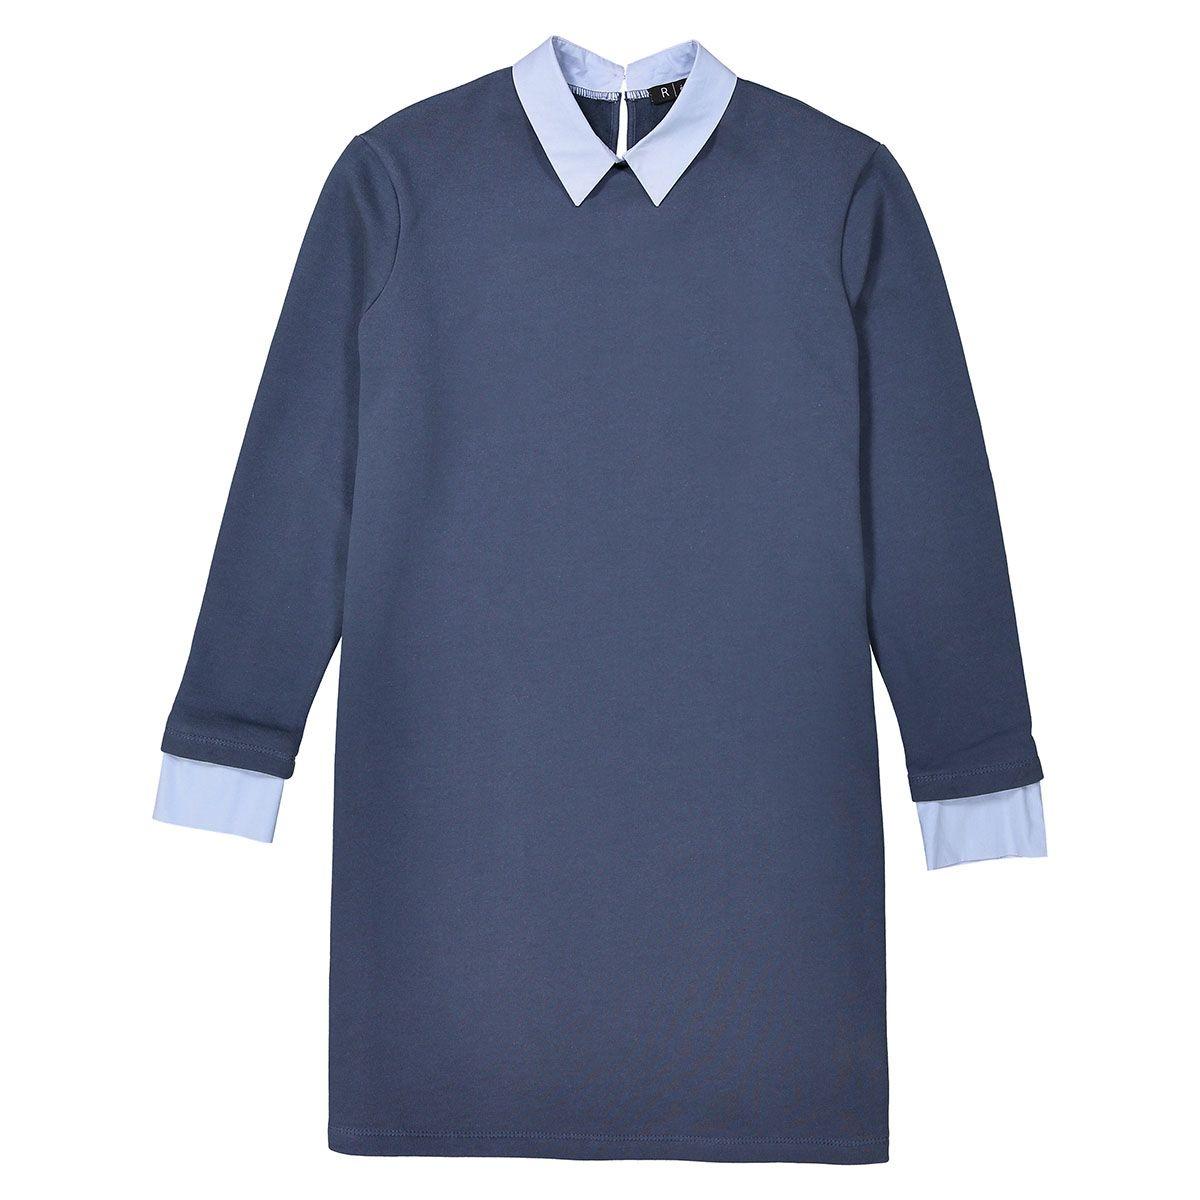 Robe sweat 2 en 1, col chemise